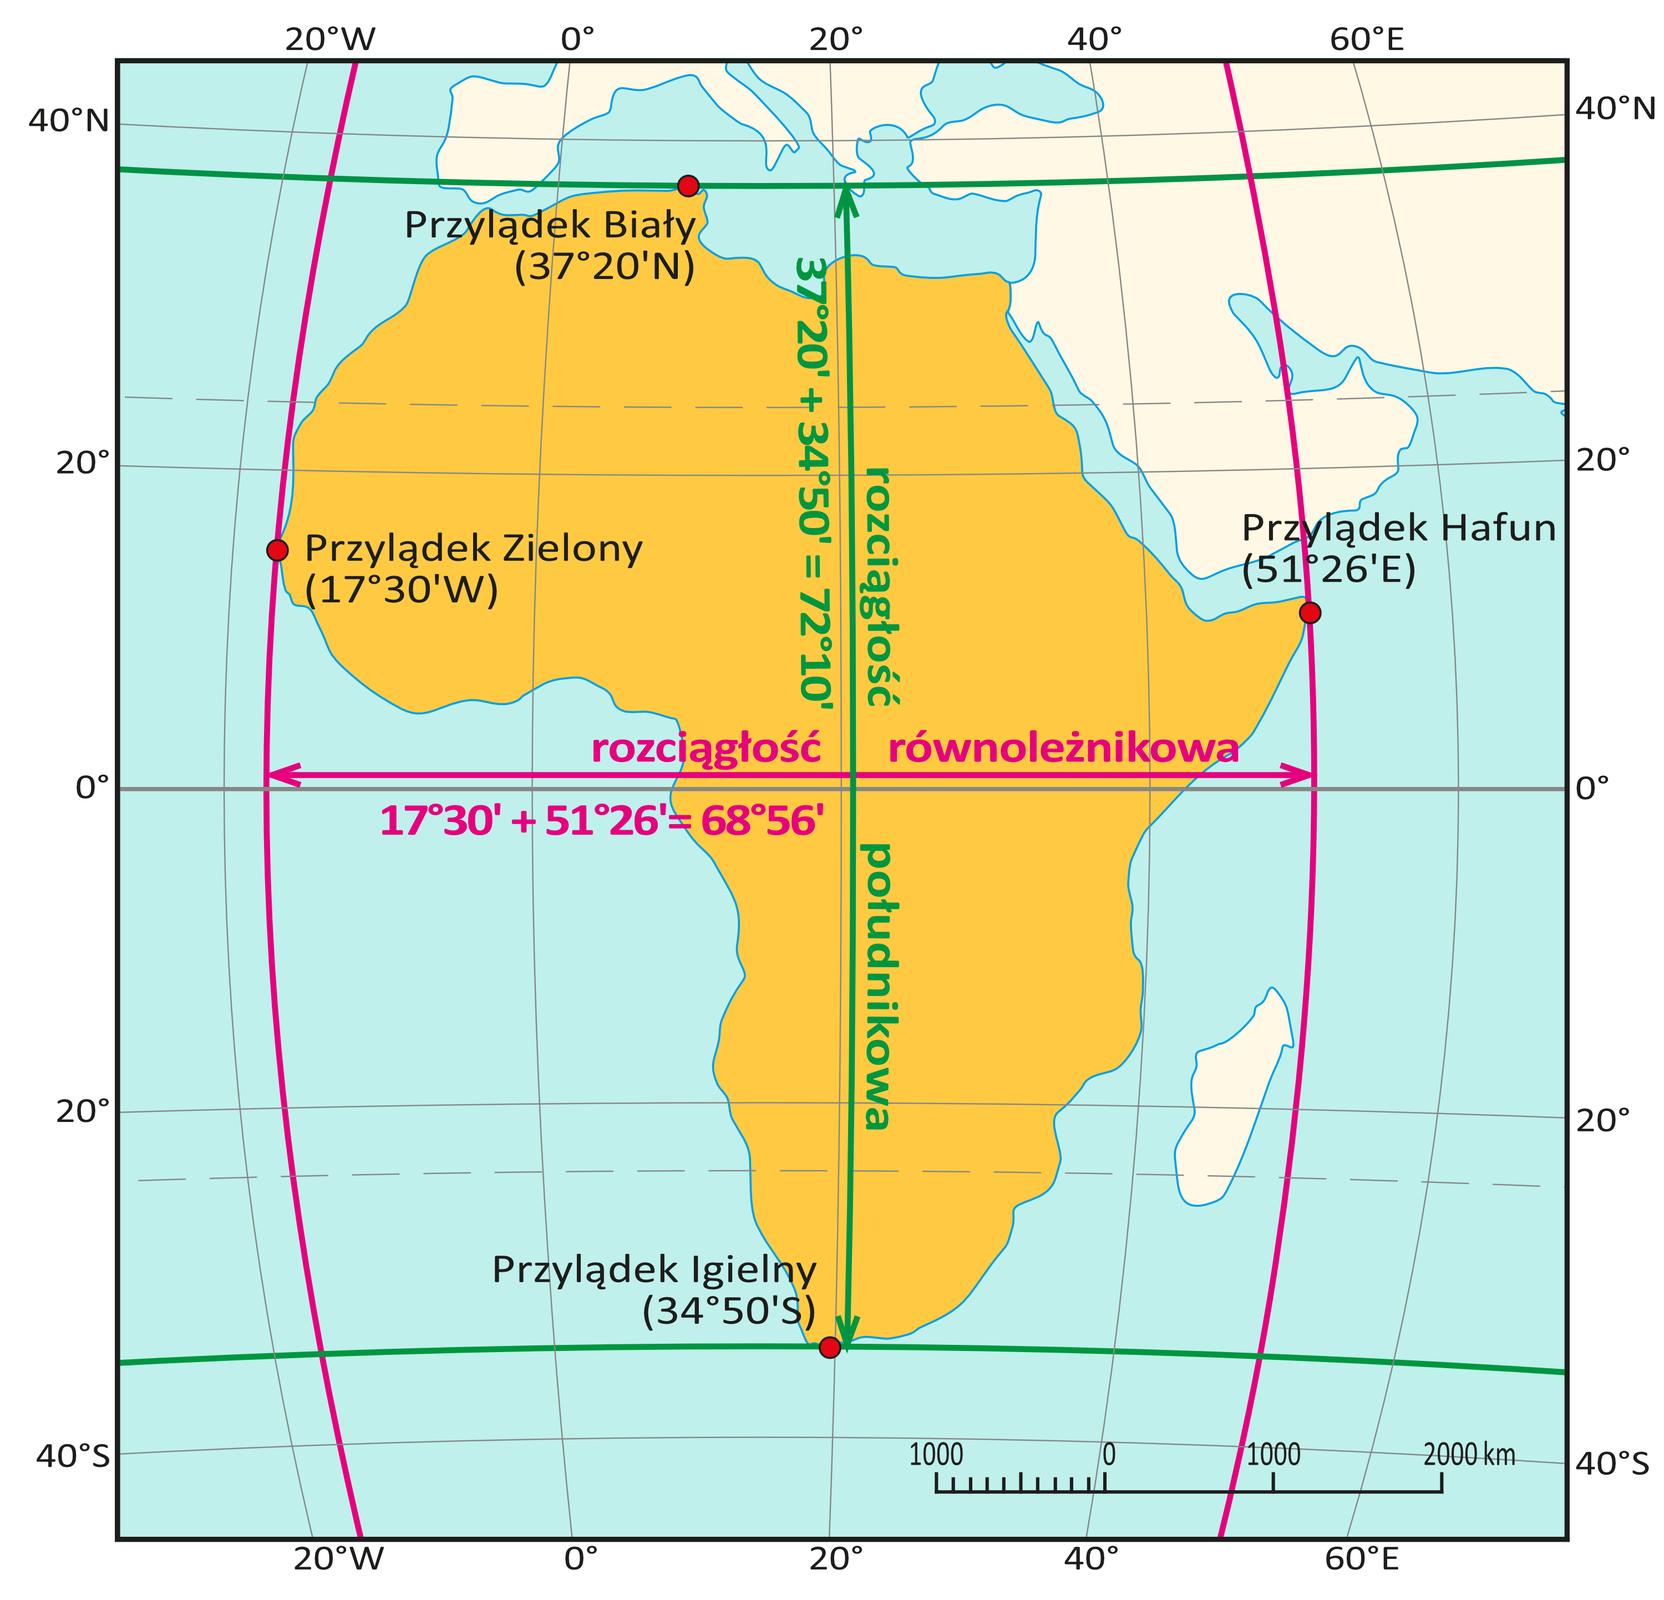 Ilustracja przedstawia mapę Afryki. Poziome linie równoleżników leżą na krańcach Afryki iprzechodzą przez jej najdalej wysunięte punkty. Na północy to Przylądek Biały, na południu – Przylądek Igielny. Pionowa zielona linia zakończona strzałkami, biegnąca od jednego skrajnego równoleżnika do drugiego wskazuje rozciągłość pomiędzy tymi równoleżnikami. To rozciągłość południkowa. Dodatkowo znajduje się opis informujący otym, co składa się na rozciągłość południkową Afryki. Napis brzmi: trzydzieści siedem stopni idwadzieścia minut plus trzydzieści cztery stopnie ipięćdziesiąt minut równa się siedemdziesiąt dwa stopnie idziesięć minut. Południk po lewej stronie przechodzi przez Przylądek Zielony. To najdalej wysunięty punkt Afryki na zachodzie. Południk po prawej stronie przechodzi przez Przylądek Hafun. To najdalej wysunięty punkt na wschodzie Afryki. Pozioma czerwona linia zakończona strzałkami, biegnąca pomiędzy skrajnymi południkami wskazuje rozciągłość pomiędzy tymi południkami. To rozciągłość równoleżnikowa. Dodatkowo znajduje się opis informujący otym, co składa się na rozciągłość równoleżnikową Afryki. Napis brzmi: siedemnaście stopni itrzydzieści minut plus pięćdziesiąt jeden stopni idwadzieścia sześć minut równa się sześćdziesiąt osiem stopni ipięćdziesiąt sześć minut.